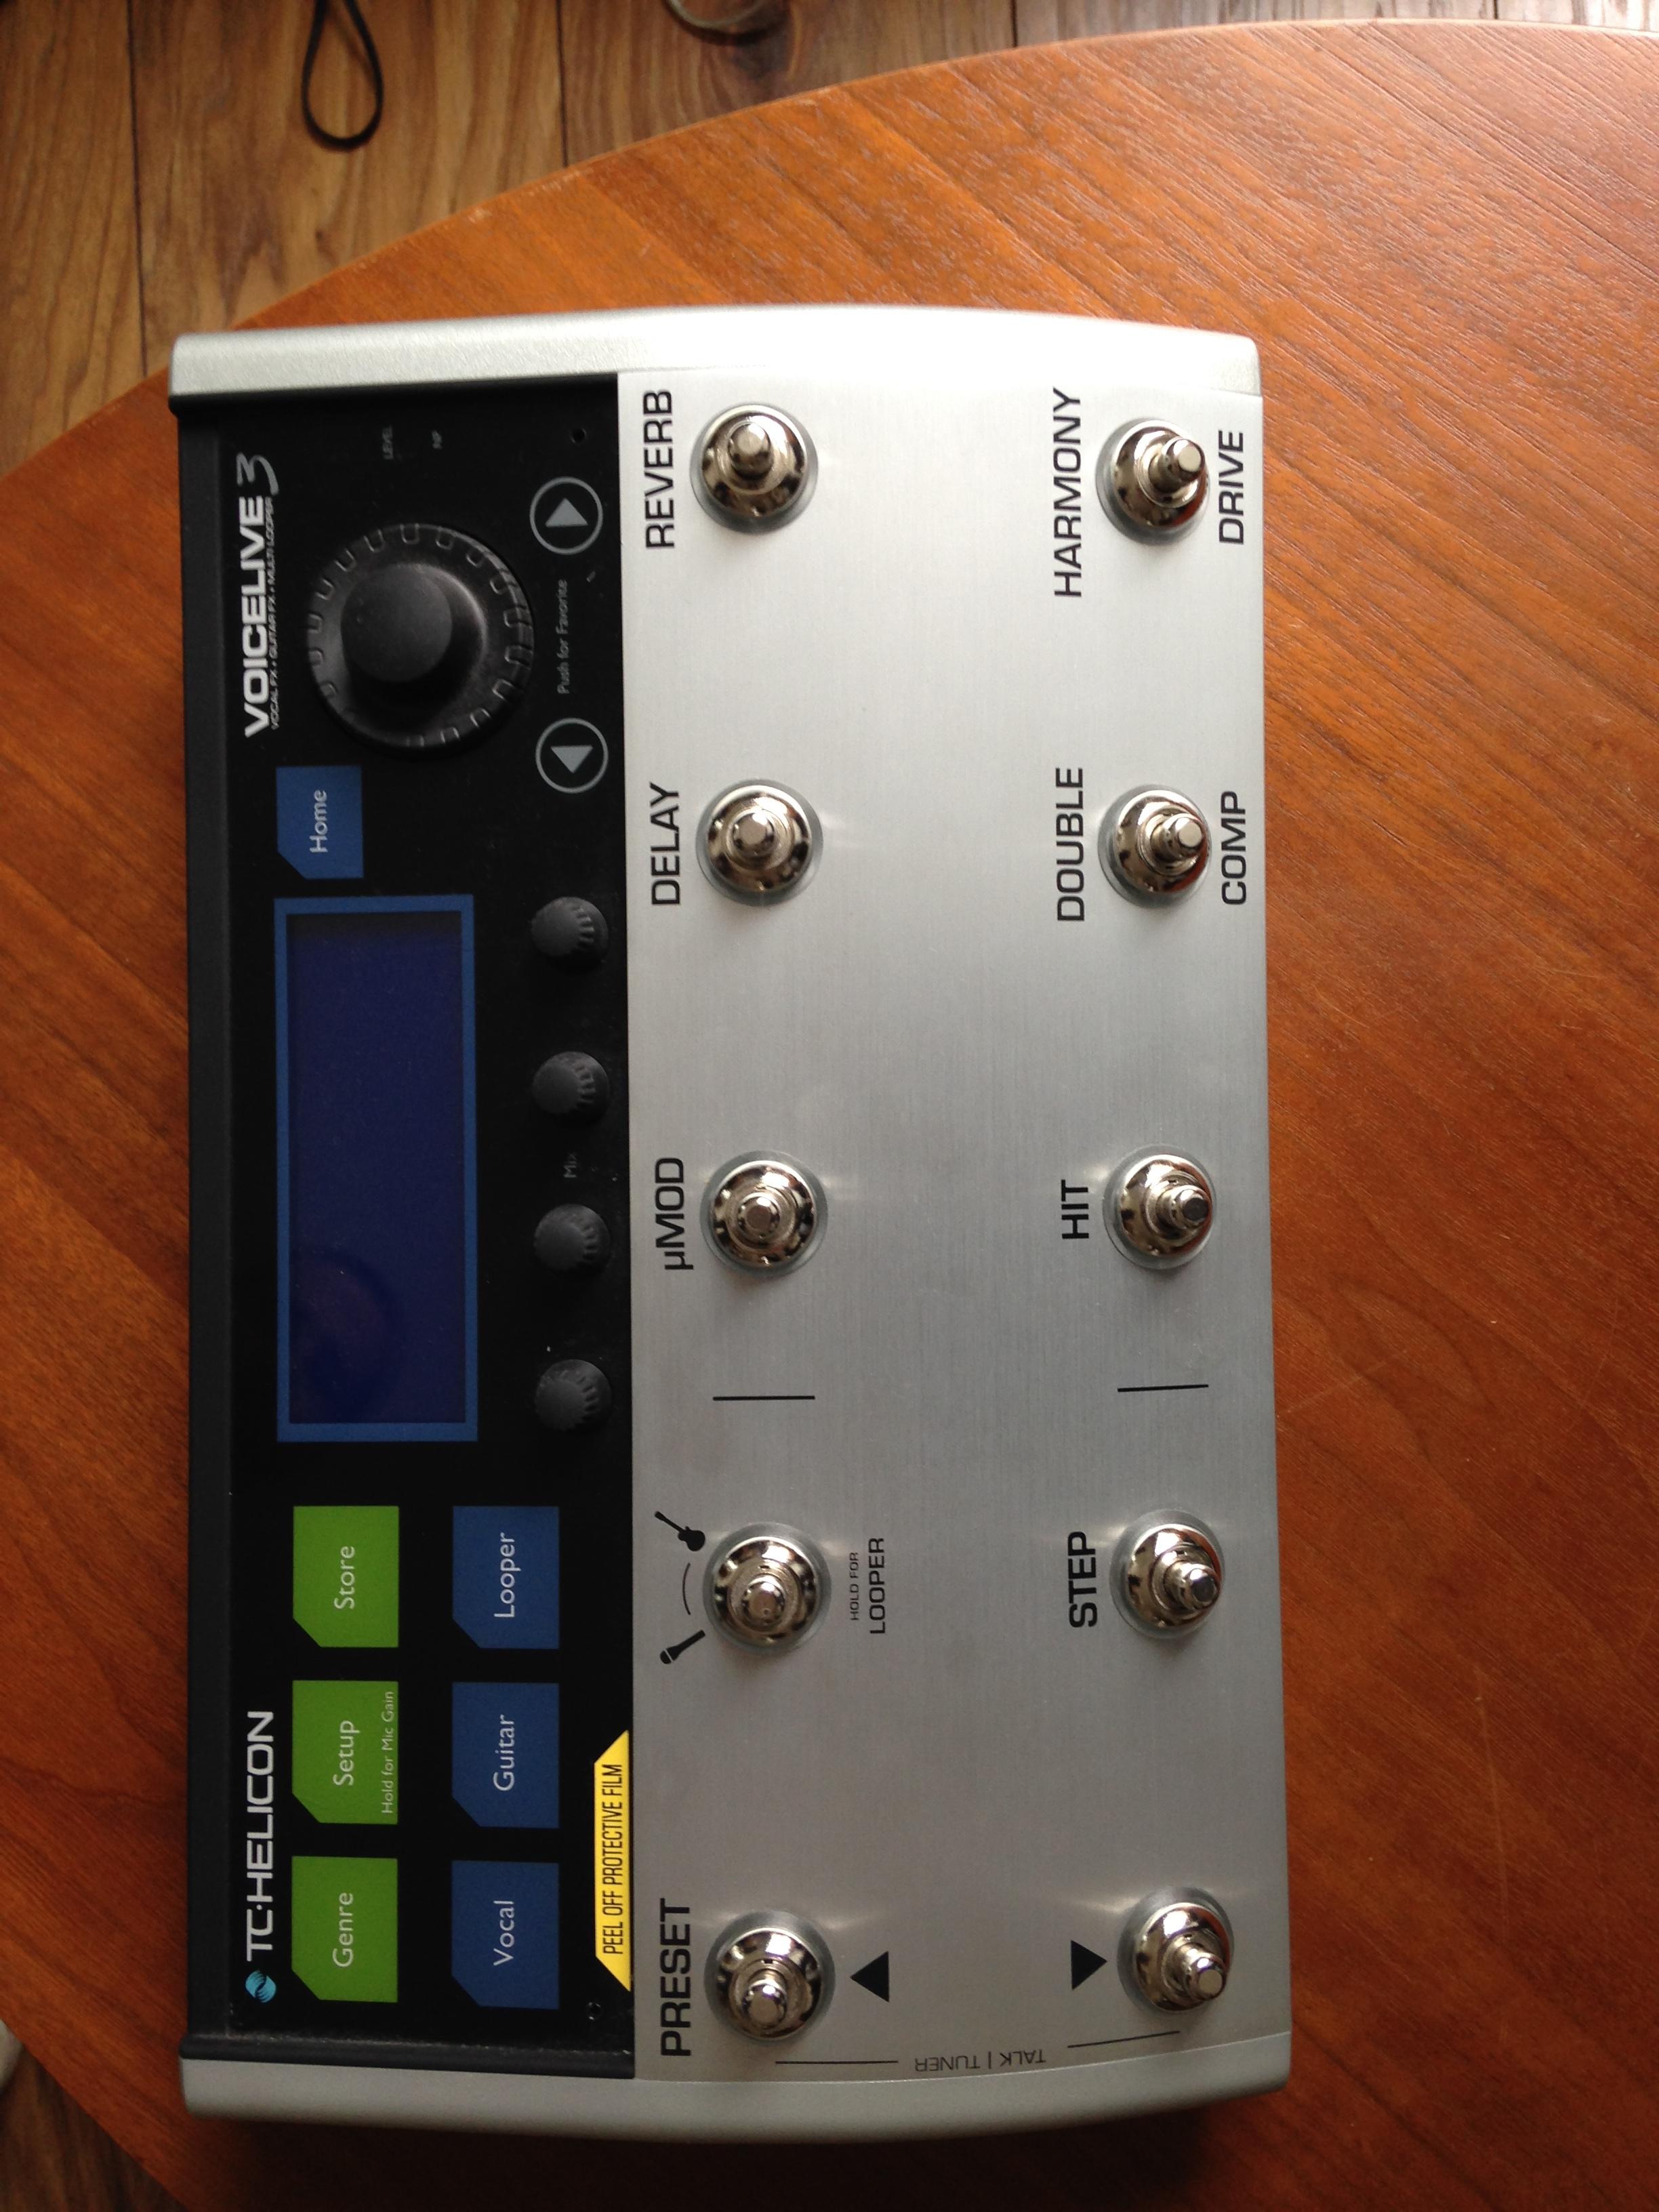 VOICELIVE 3 - TC-Helicon VoiceLive 3 - Audiofanzine